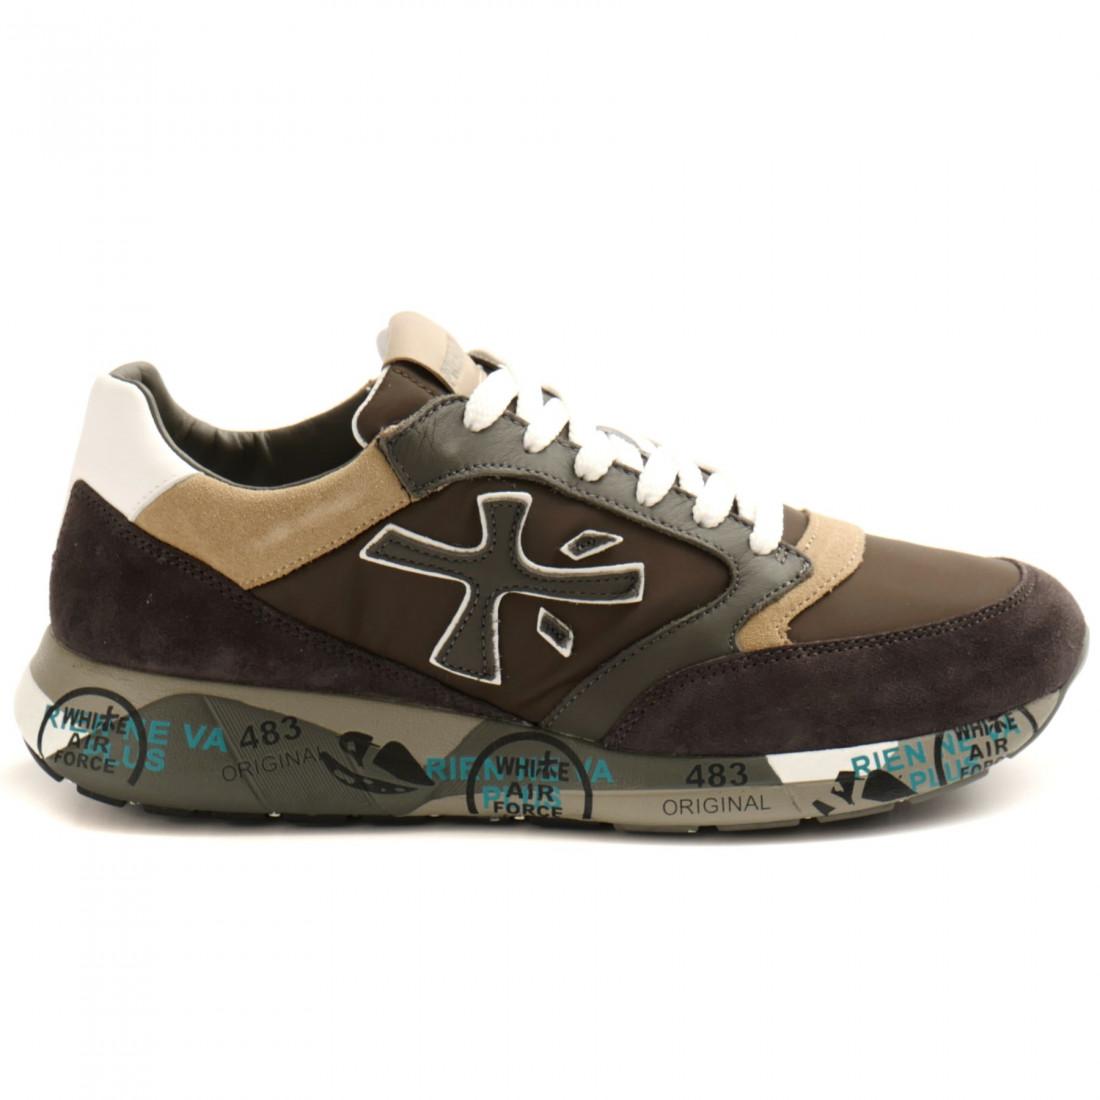 sneakers herren premiata zaczac5368 8856